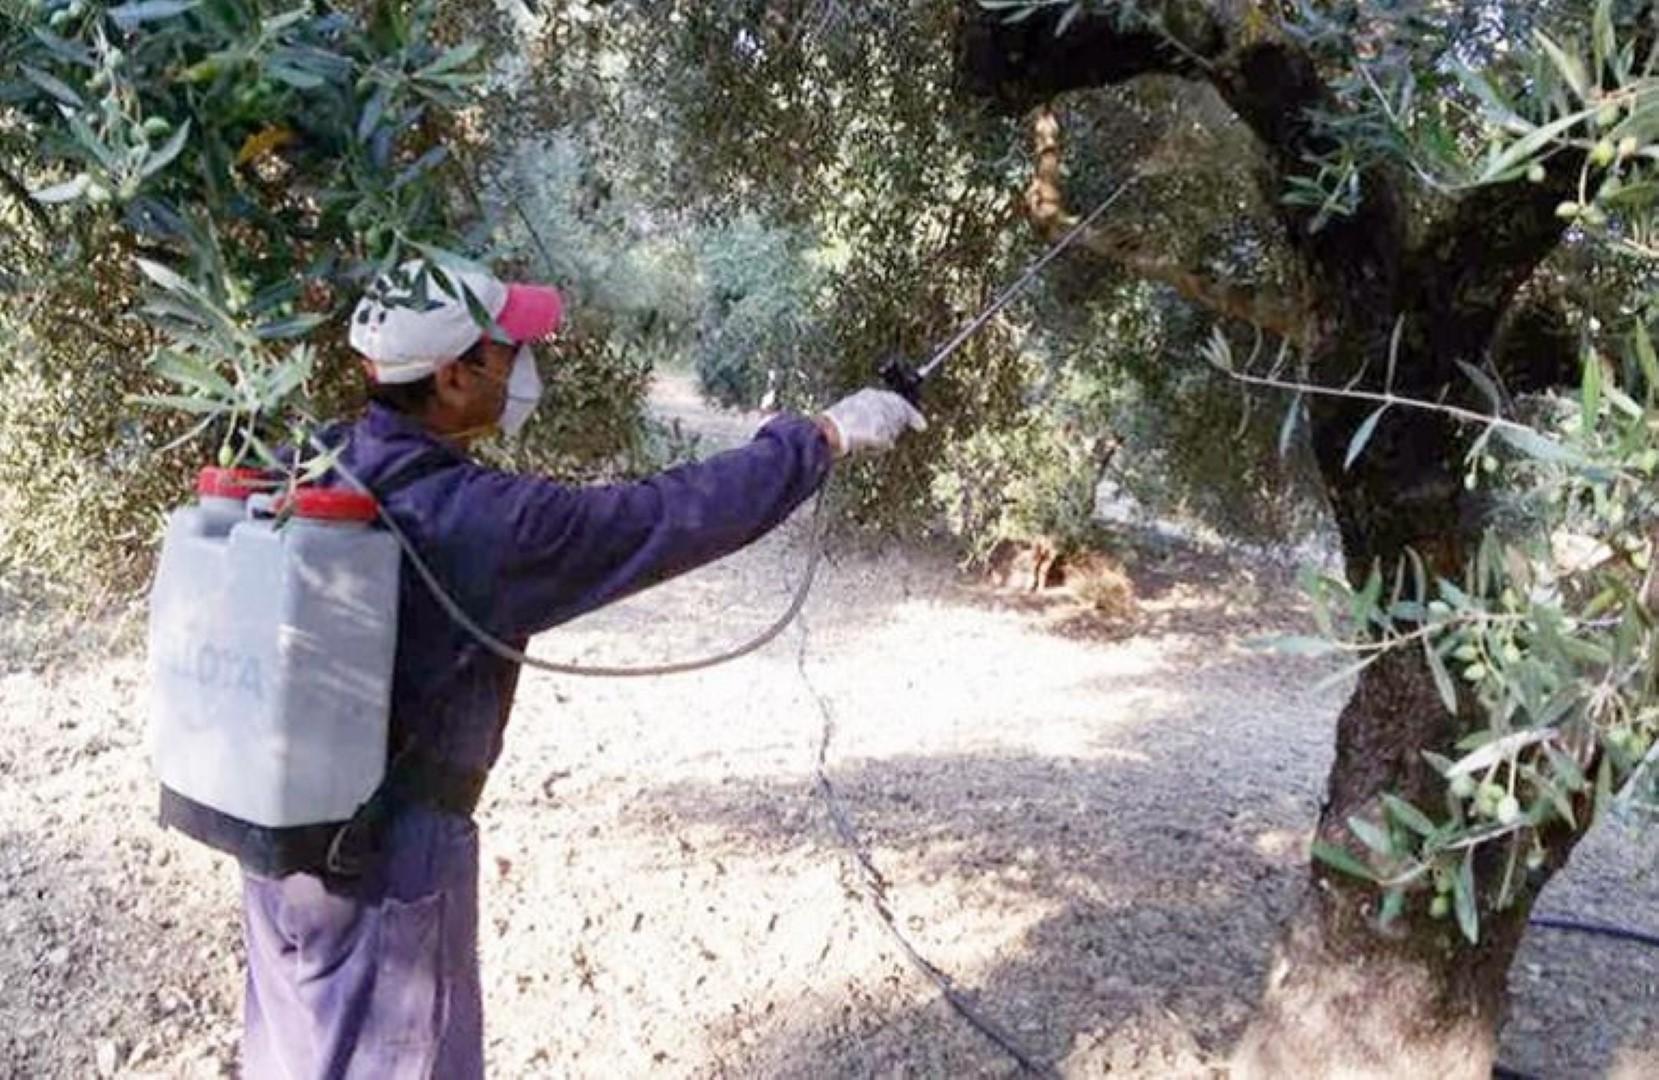 2ος ψεκασμός συλλογικής καταπολέμησης του δάκου της ελιάς | Δήμος Σουλίου